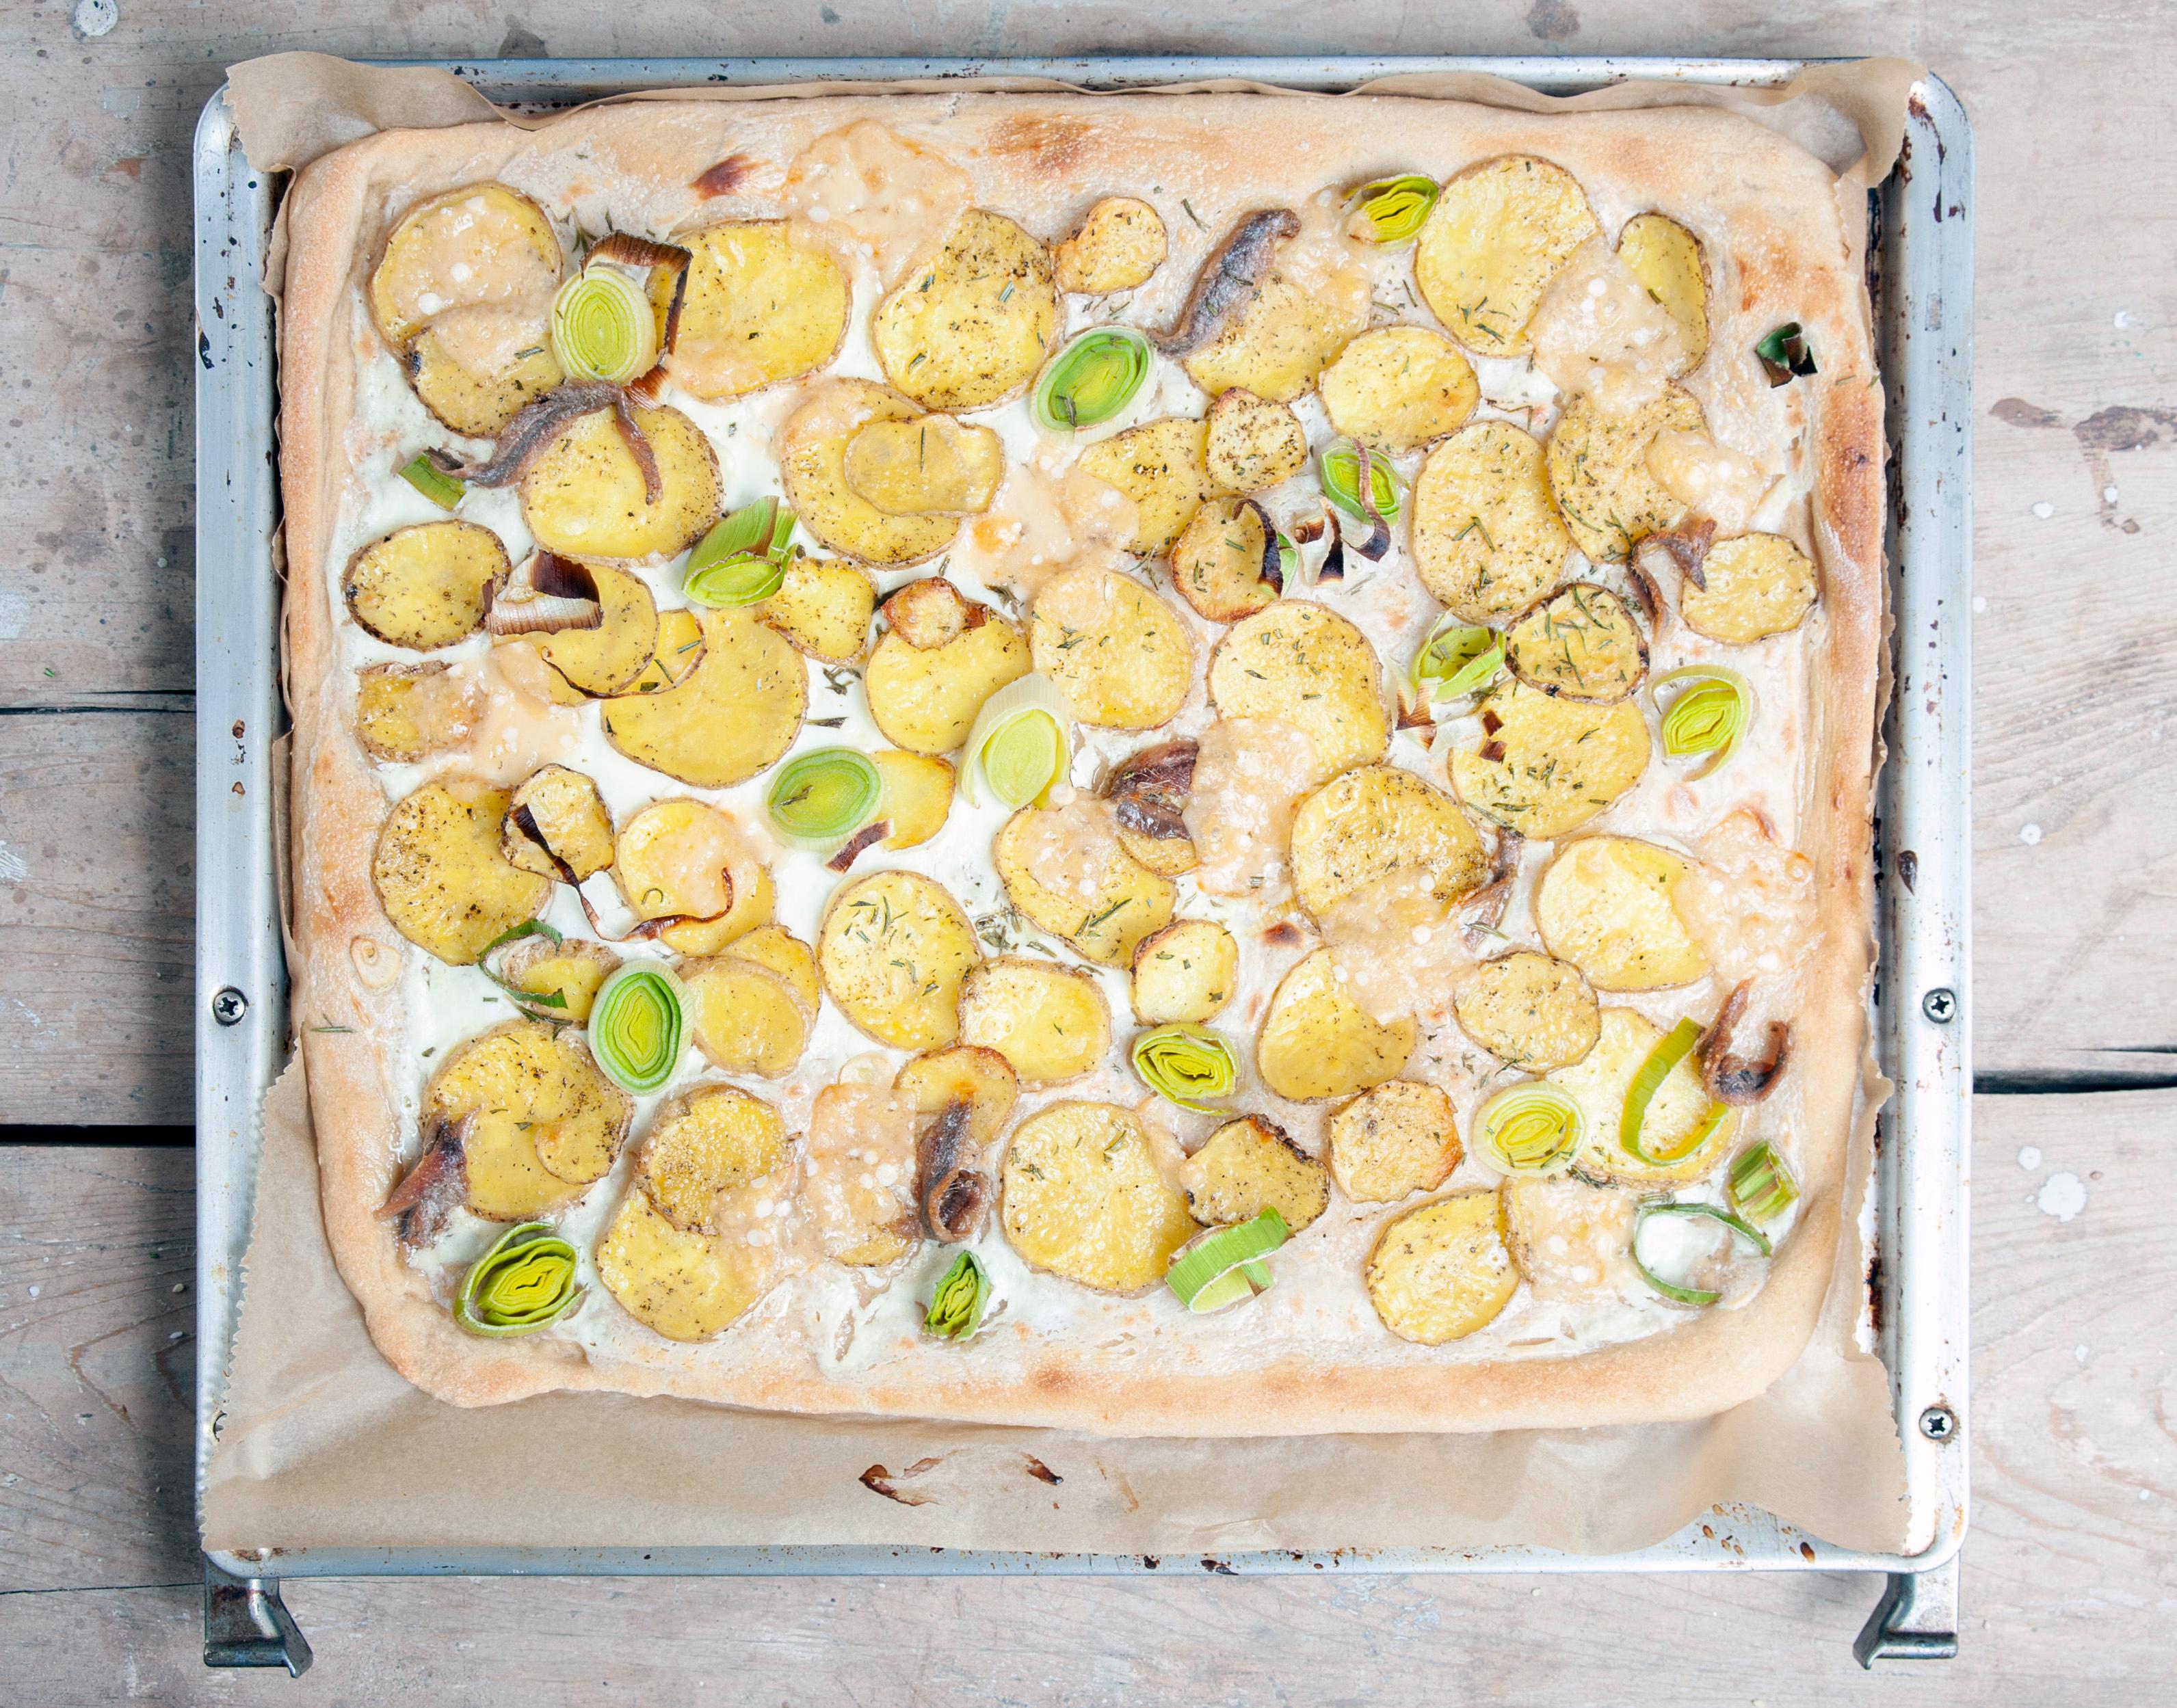 Pizza mit Kartoffeln, Sardellen und Rosmarin.